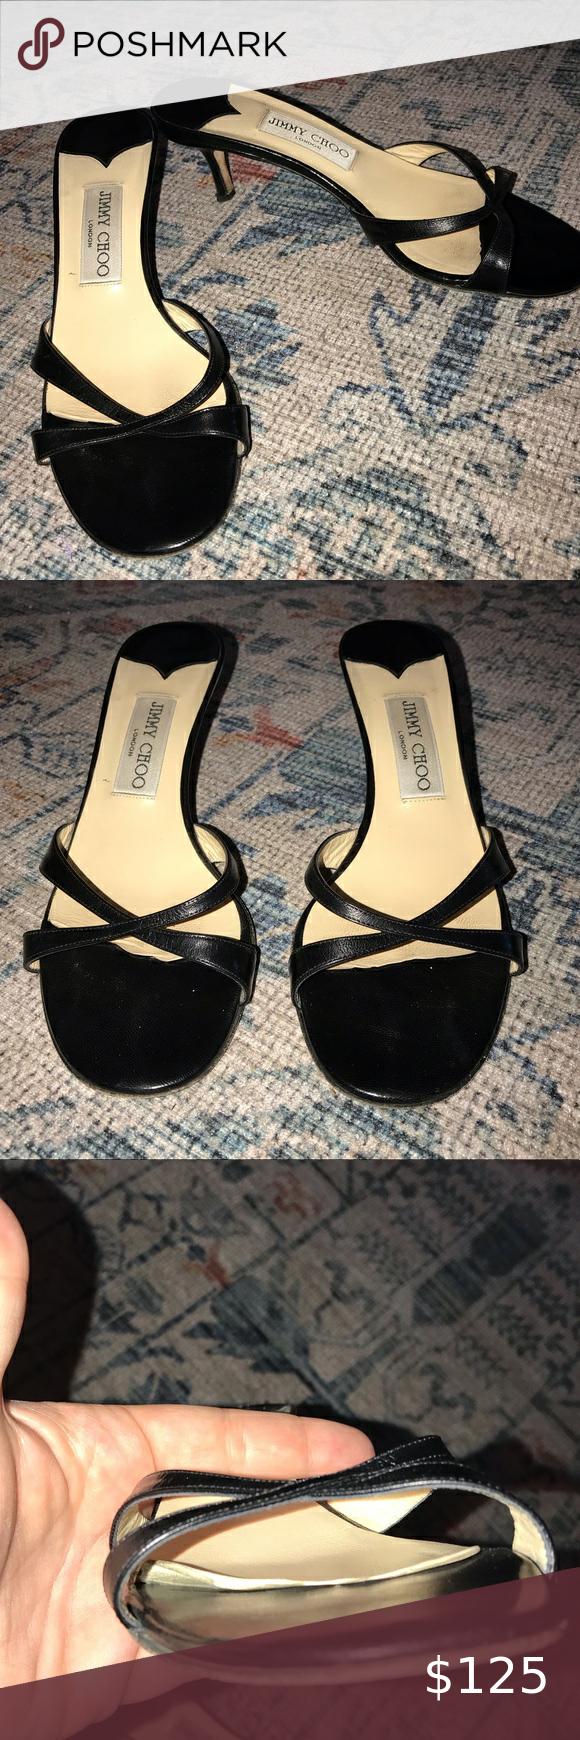 Jimmy Choo Black Leather Kitten Heel Sandals 37 5 In 2020 Kitten Heel Sandals Sandals Heels Heels